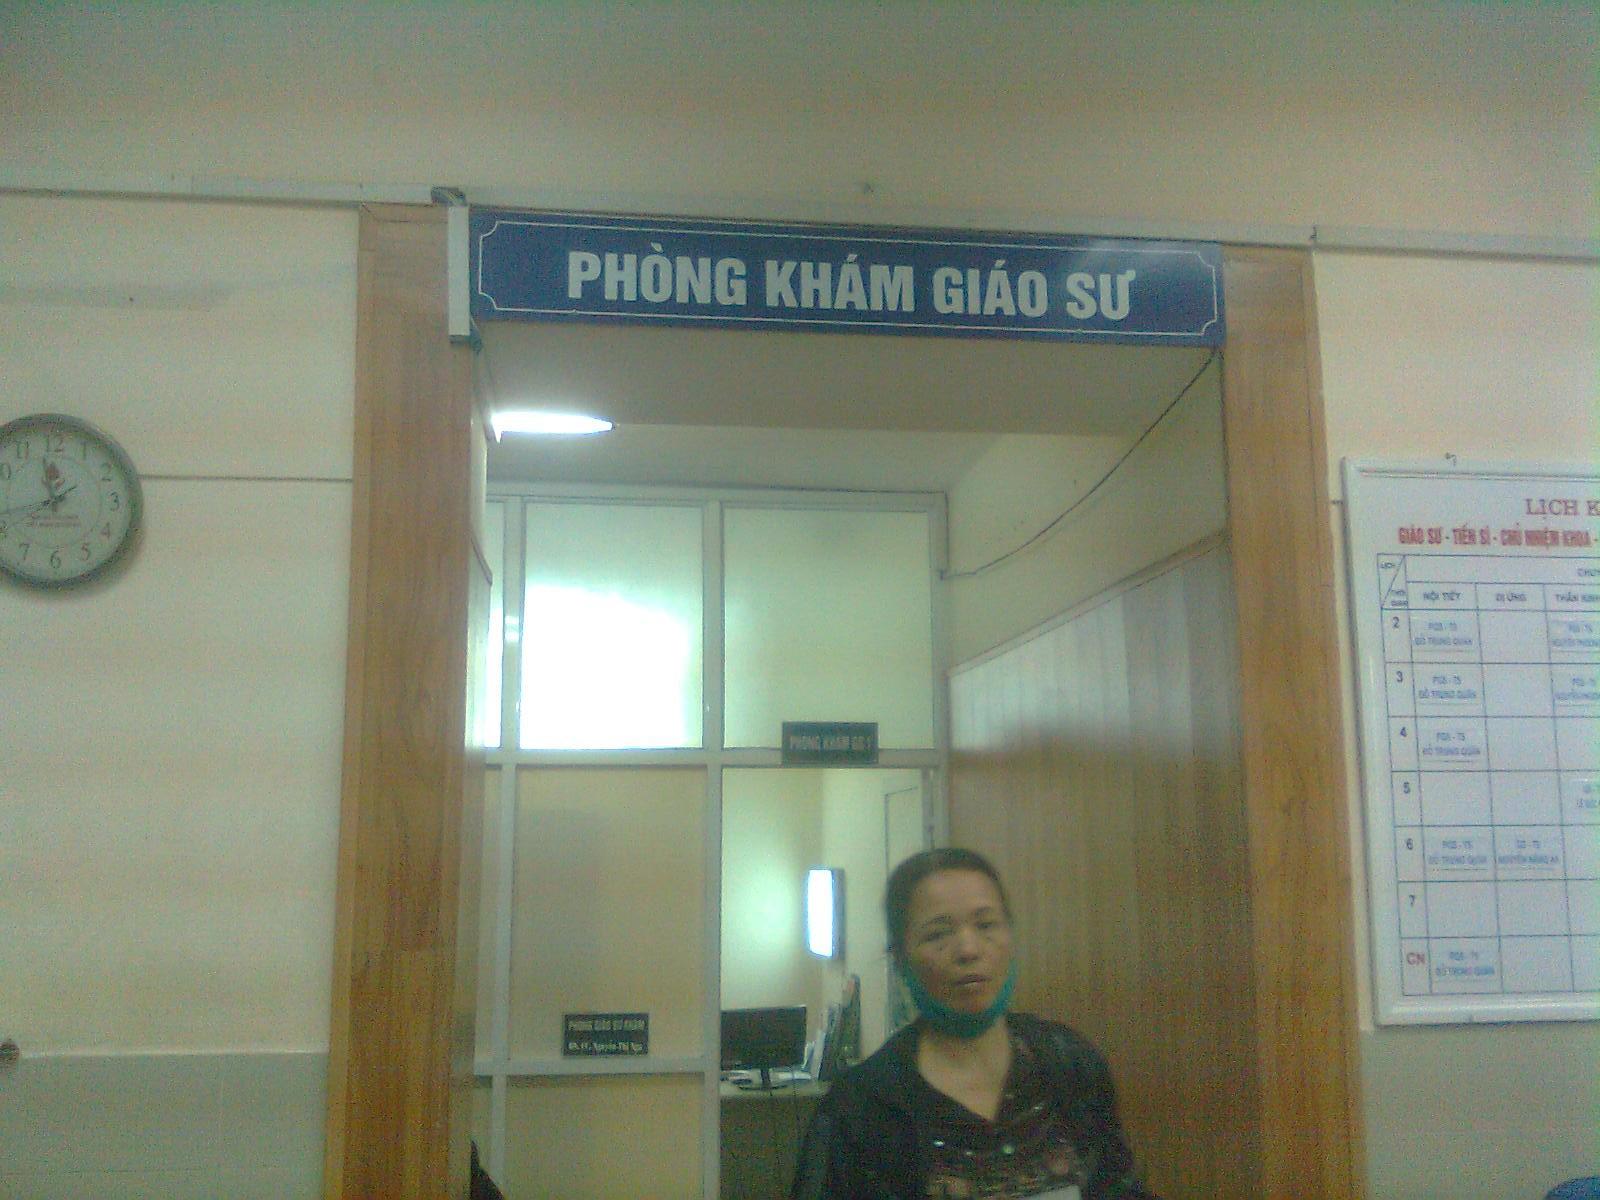 Dù có cả bác sĩ khám, nhưng khu vực này vẫn khi là Phòng khám Giáo sư.